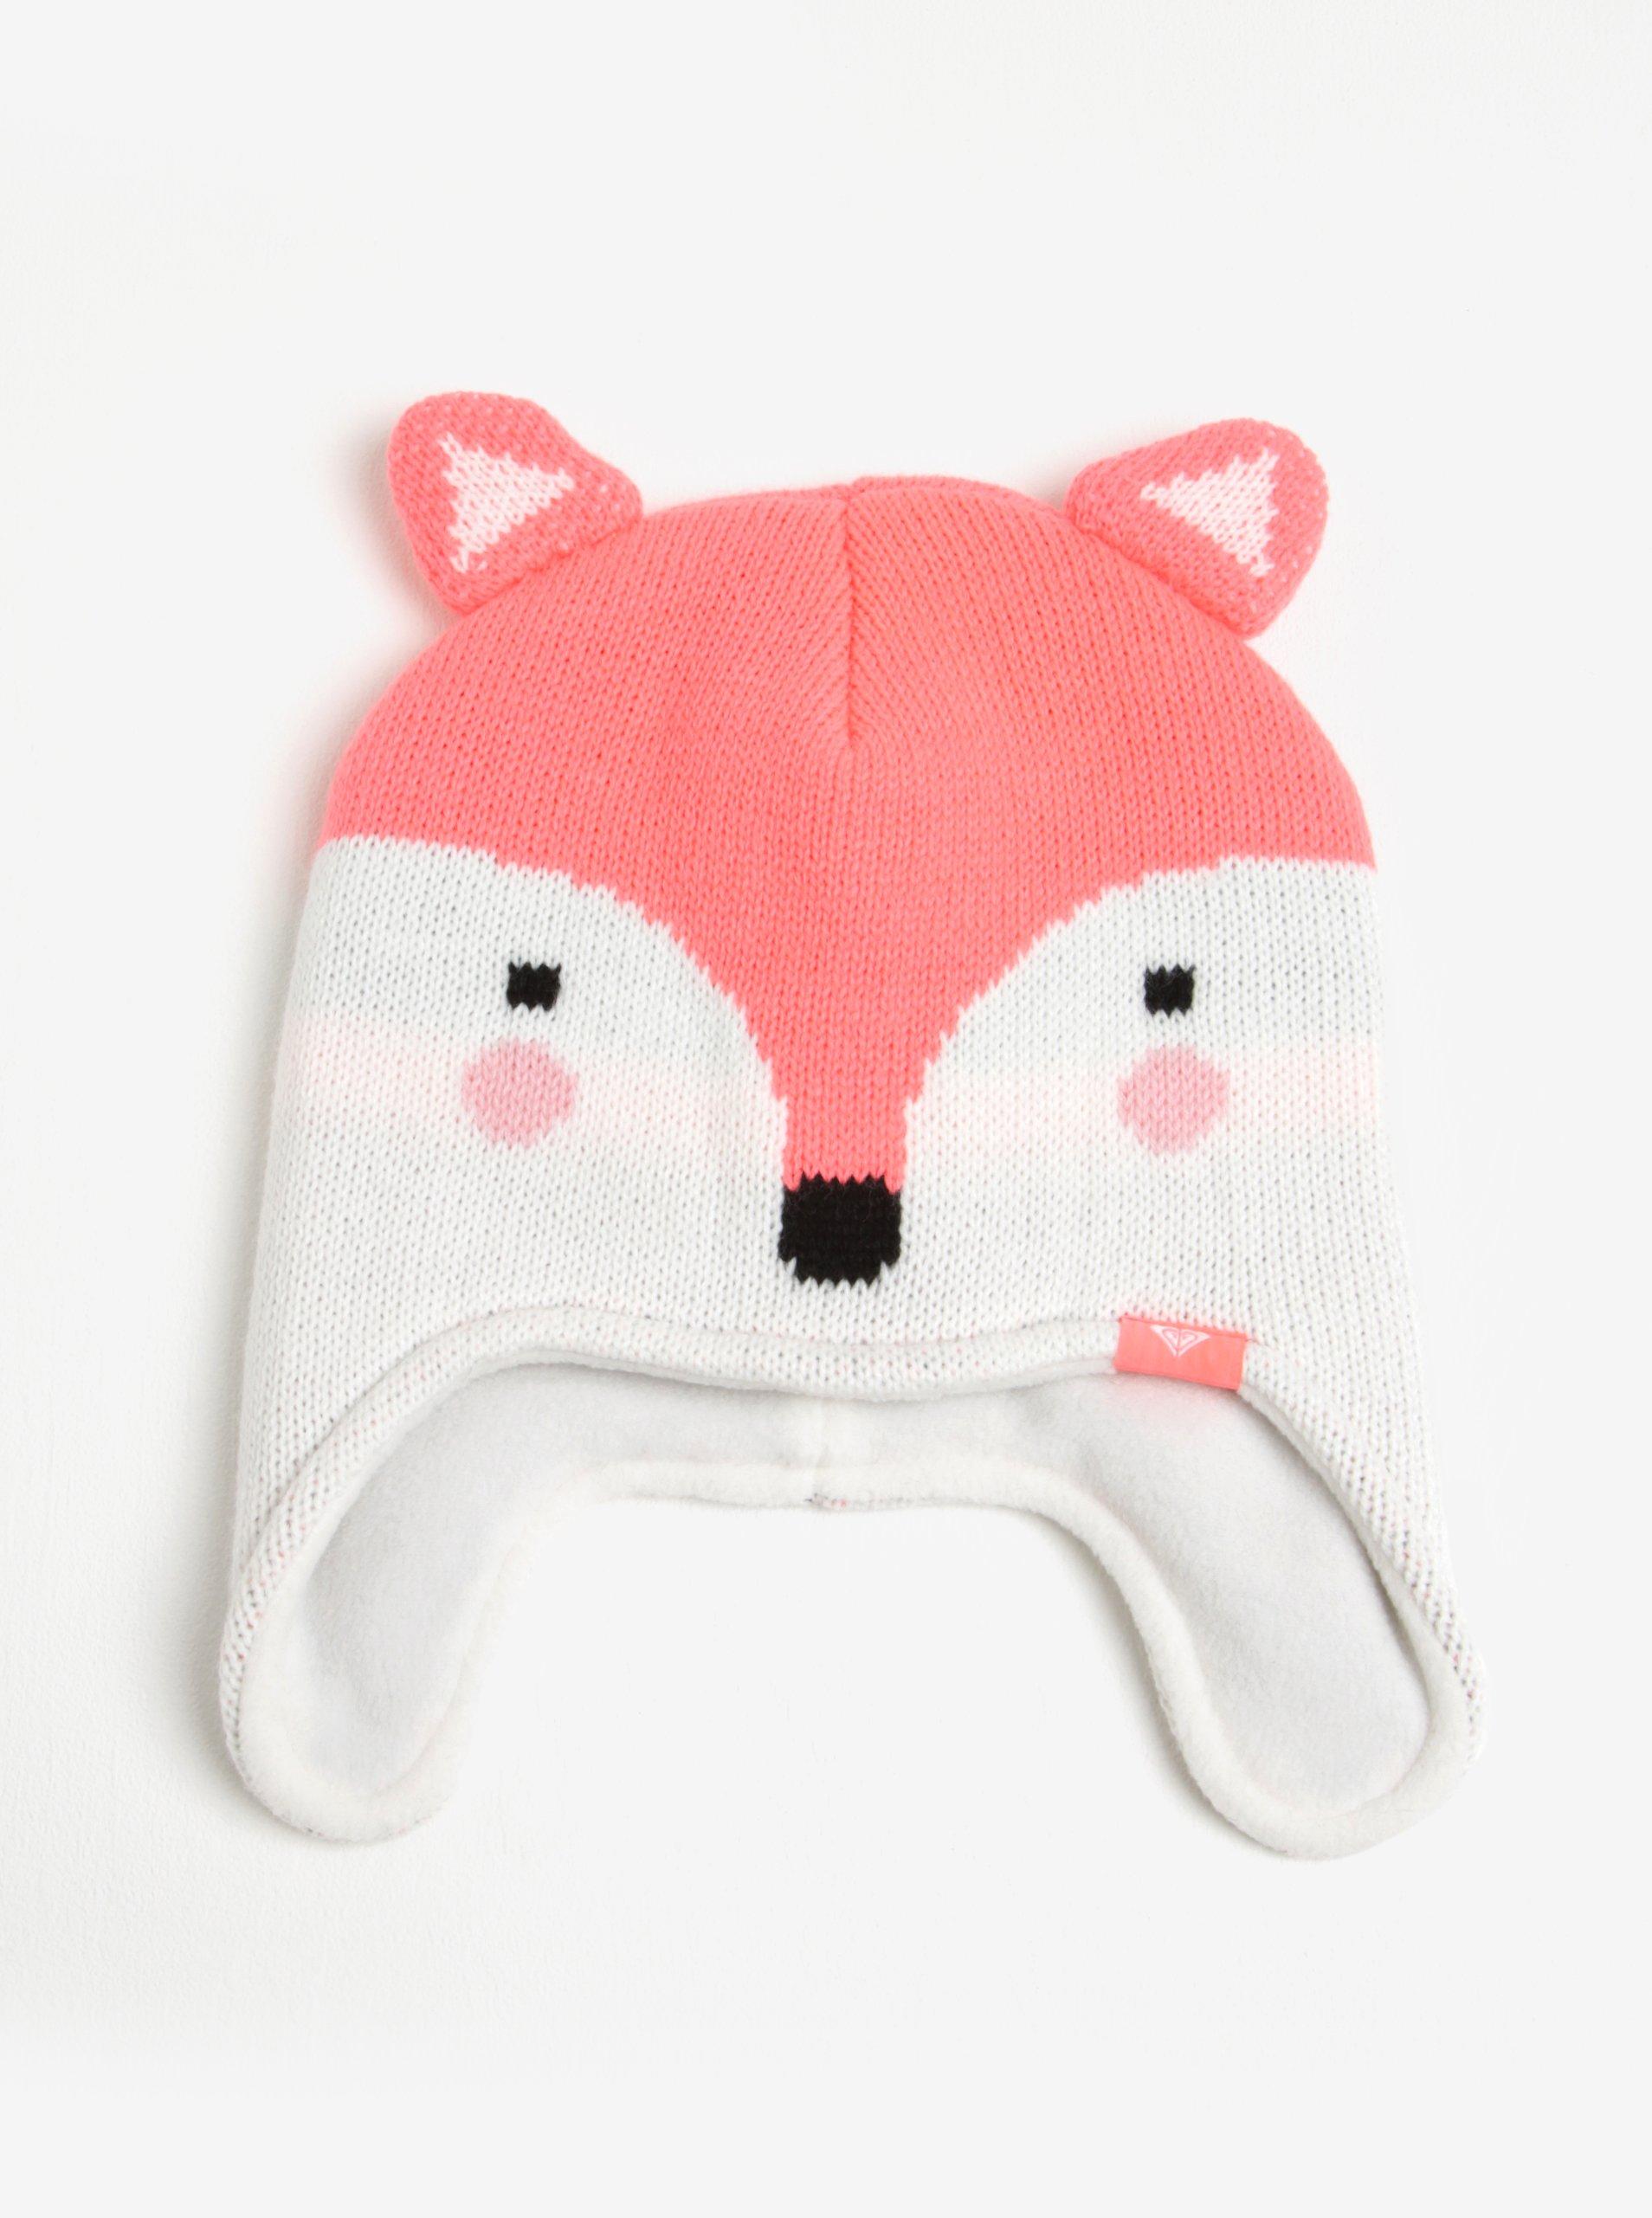 Bílo-neonově růžová holčičí čepice s motivem lišky Roxy Fox